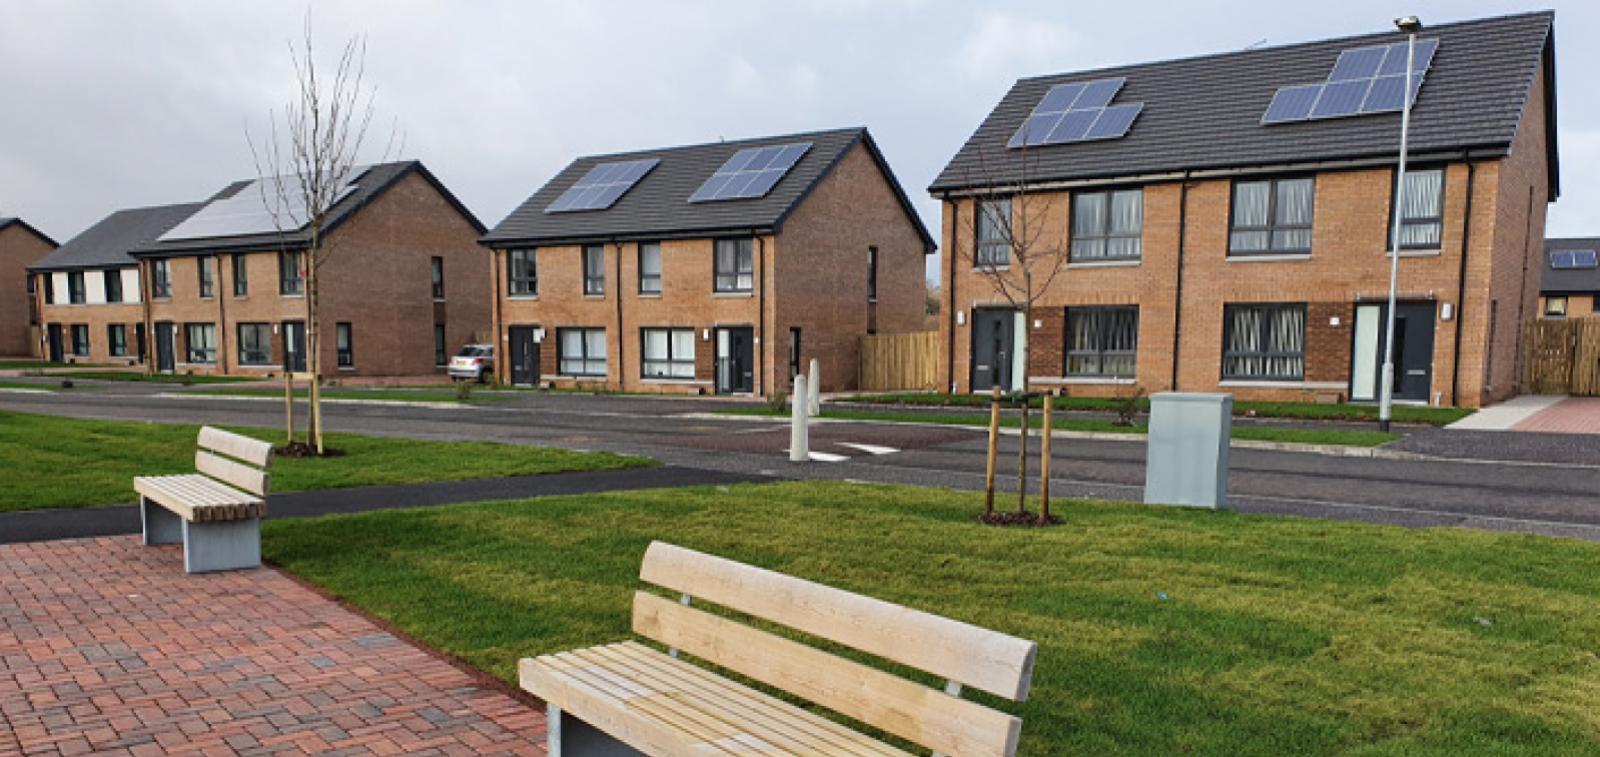 Sanctuary Homes' energy efficient homes